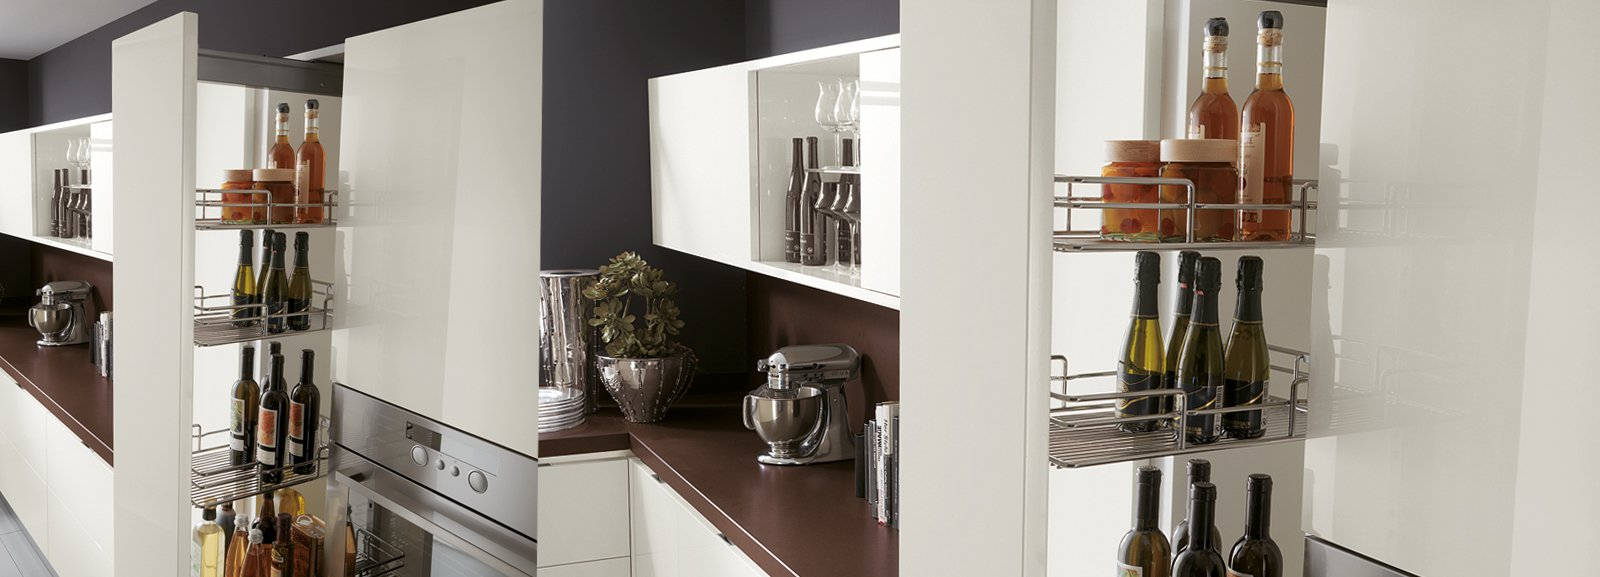 Cestelli Estraibili Per Cucina Ikea.Cucina Che Moduli Scelgo Per La Dispensa Cose Di Casa